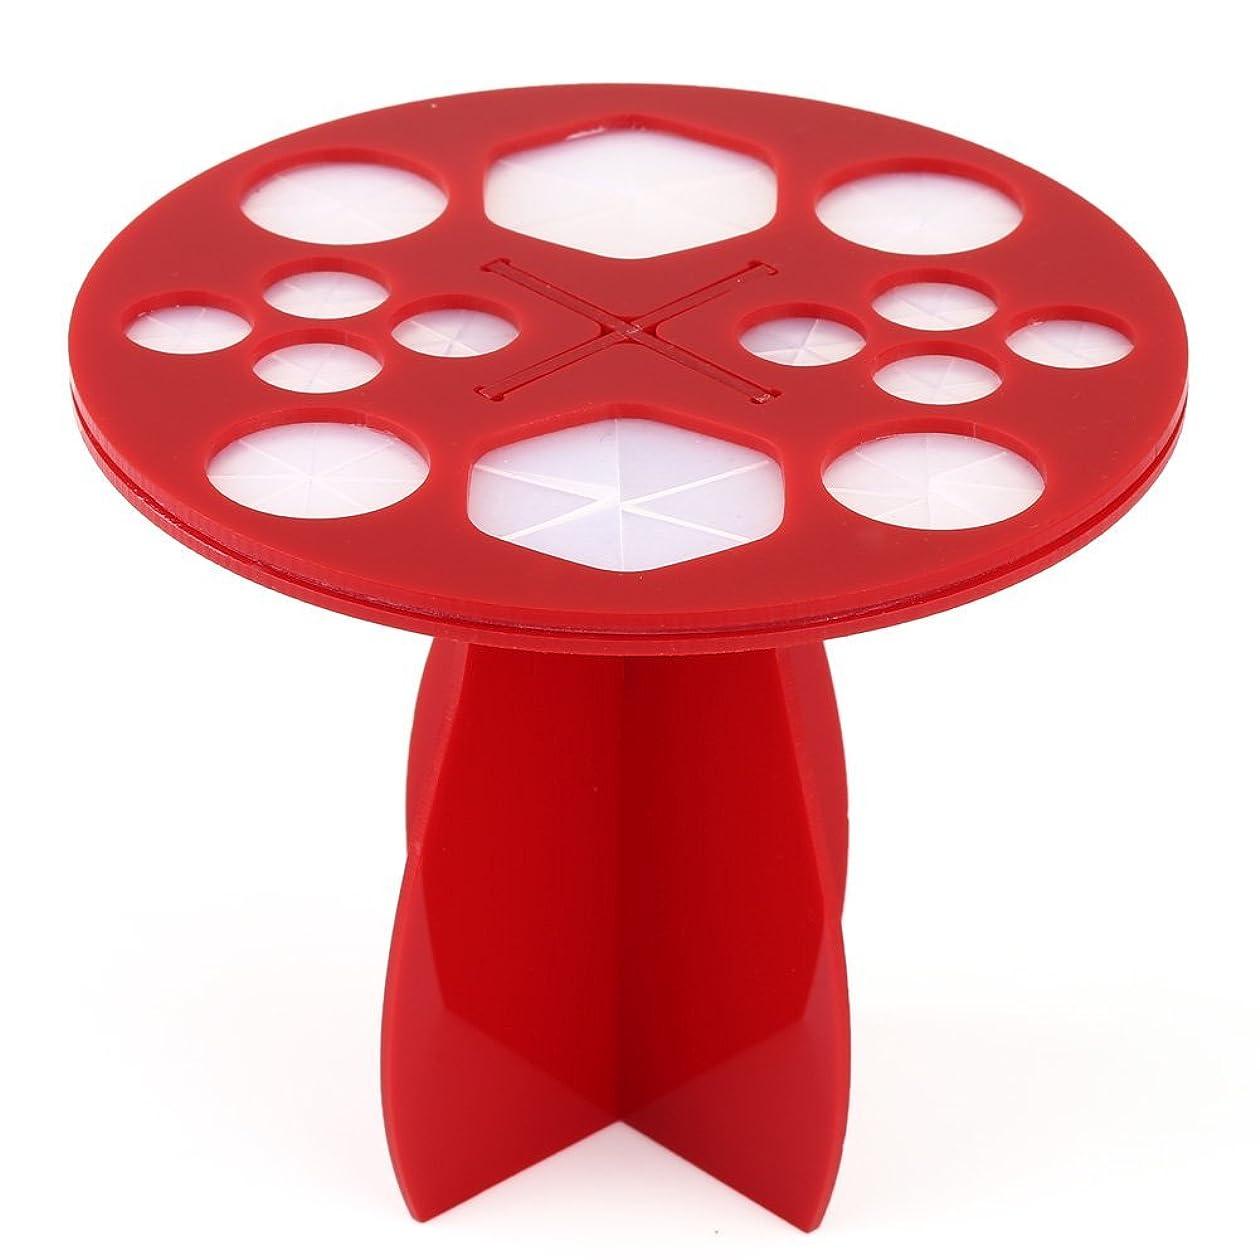 立方体ラボヘビーメイクブラシホルダー 収納スタンド アクリル 丸型 14本収納タイプ 化粧筆を乾かせる際に大活躍 超便利 3色選択可能  (赤)